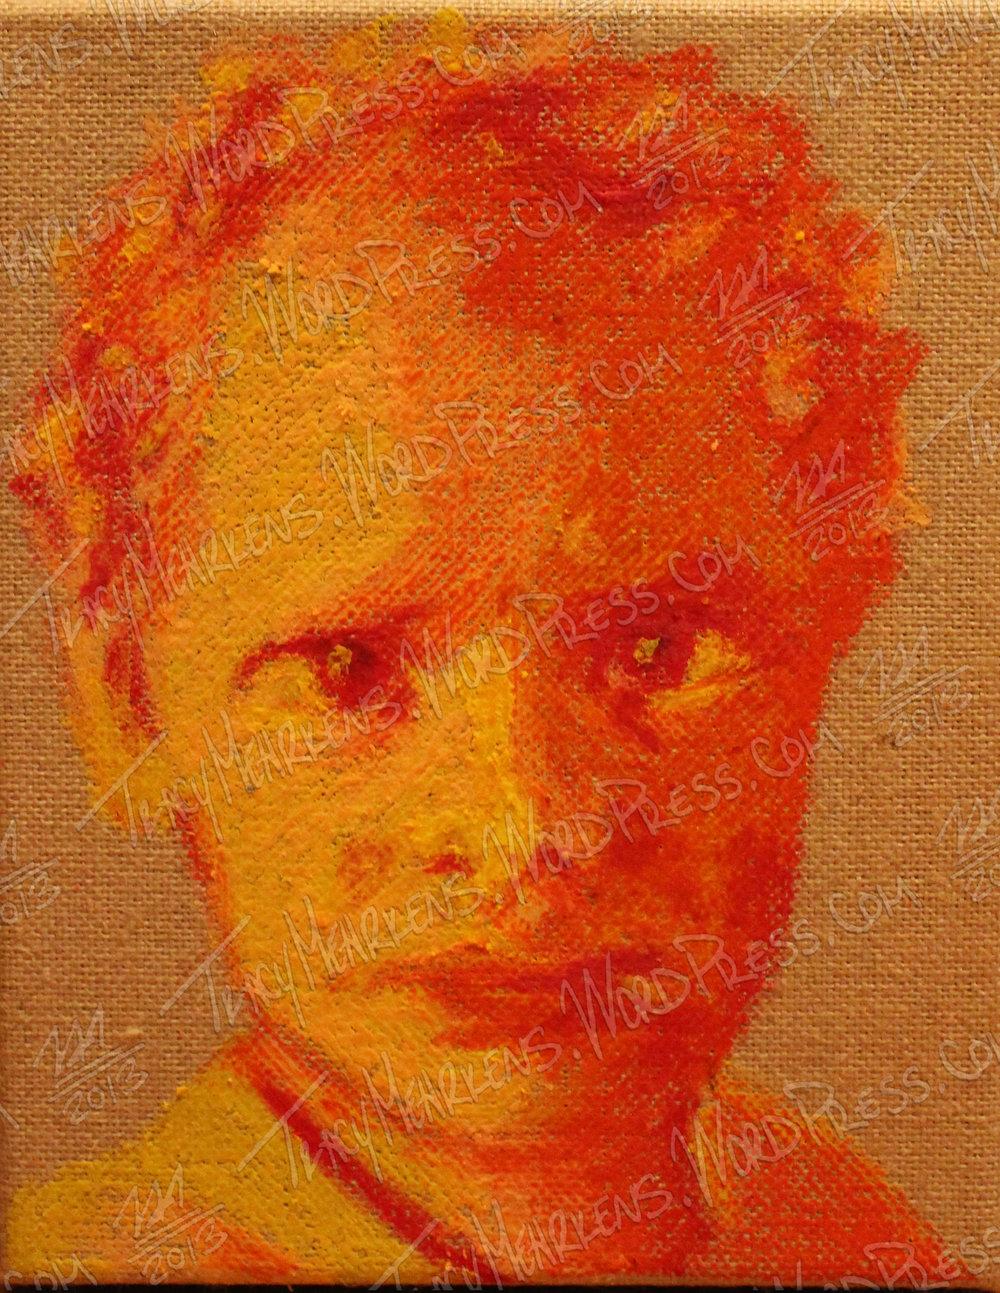 Copy of Crayon on Burlap Canvas. 8x10 in. 2014.